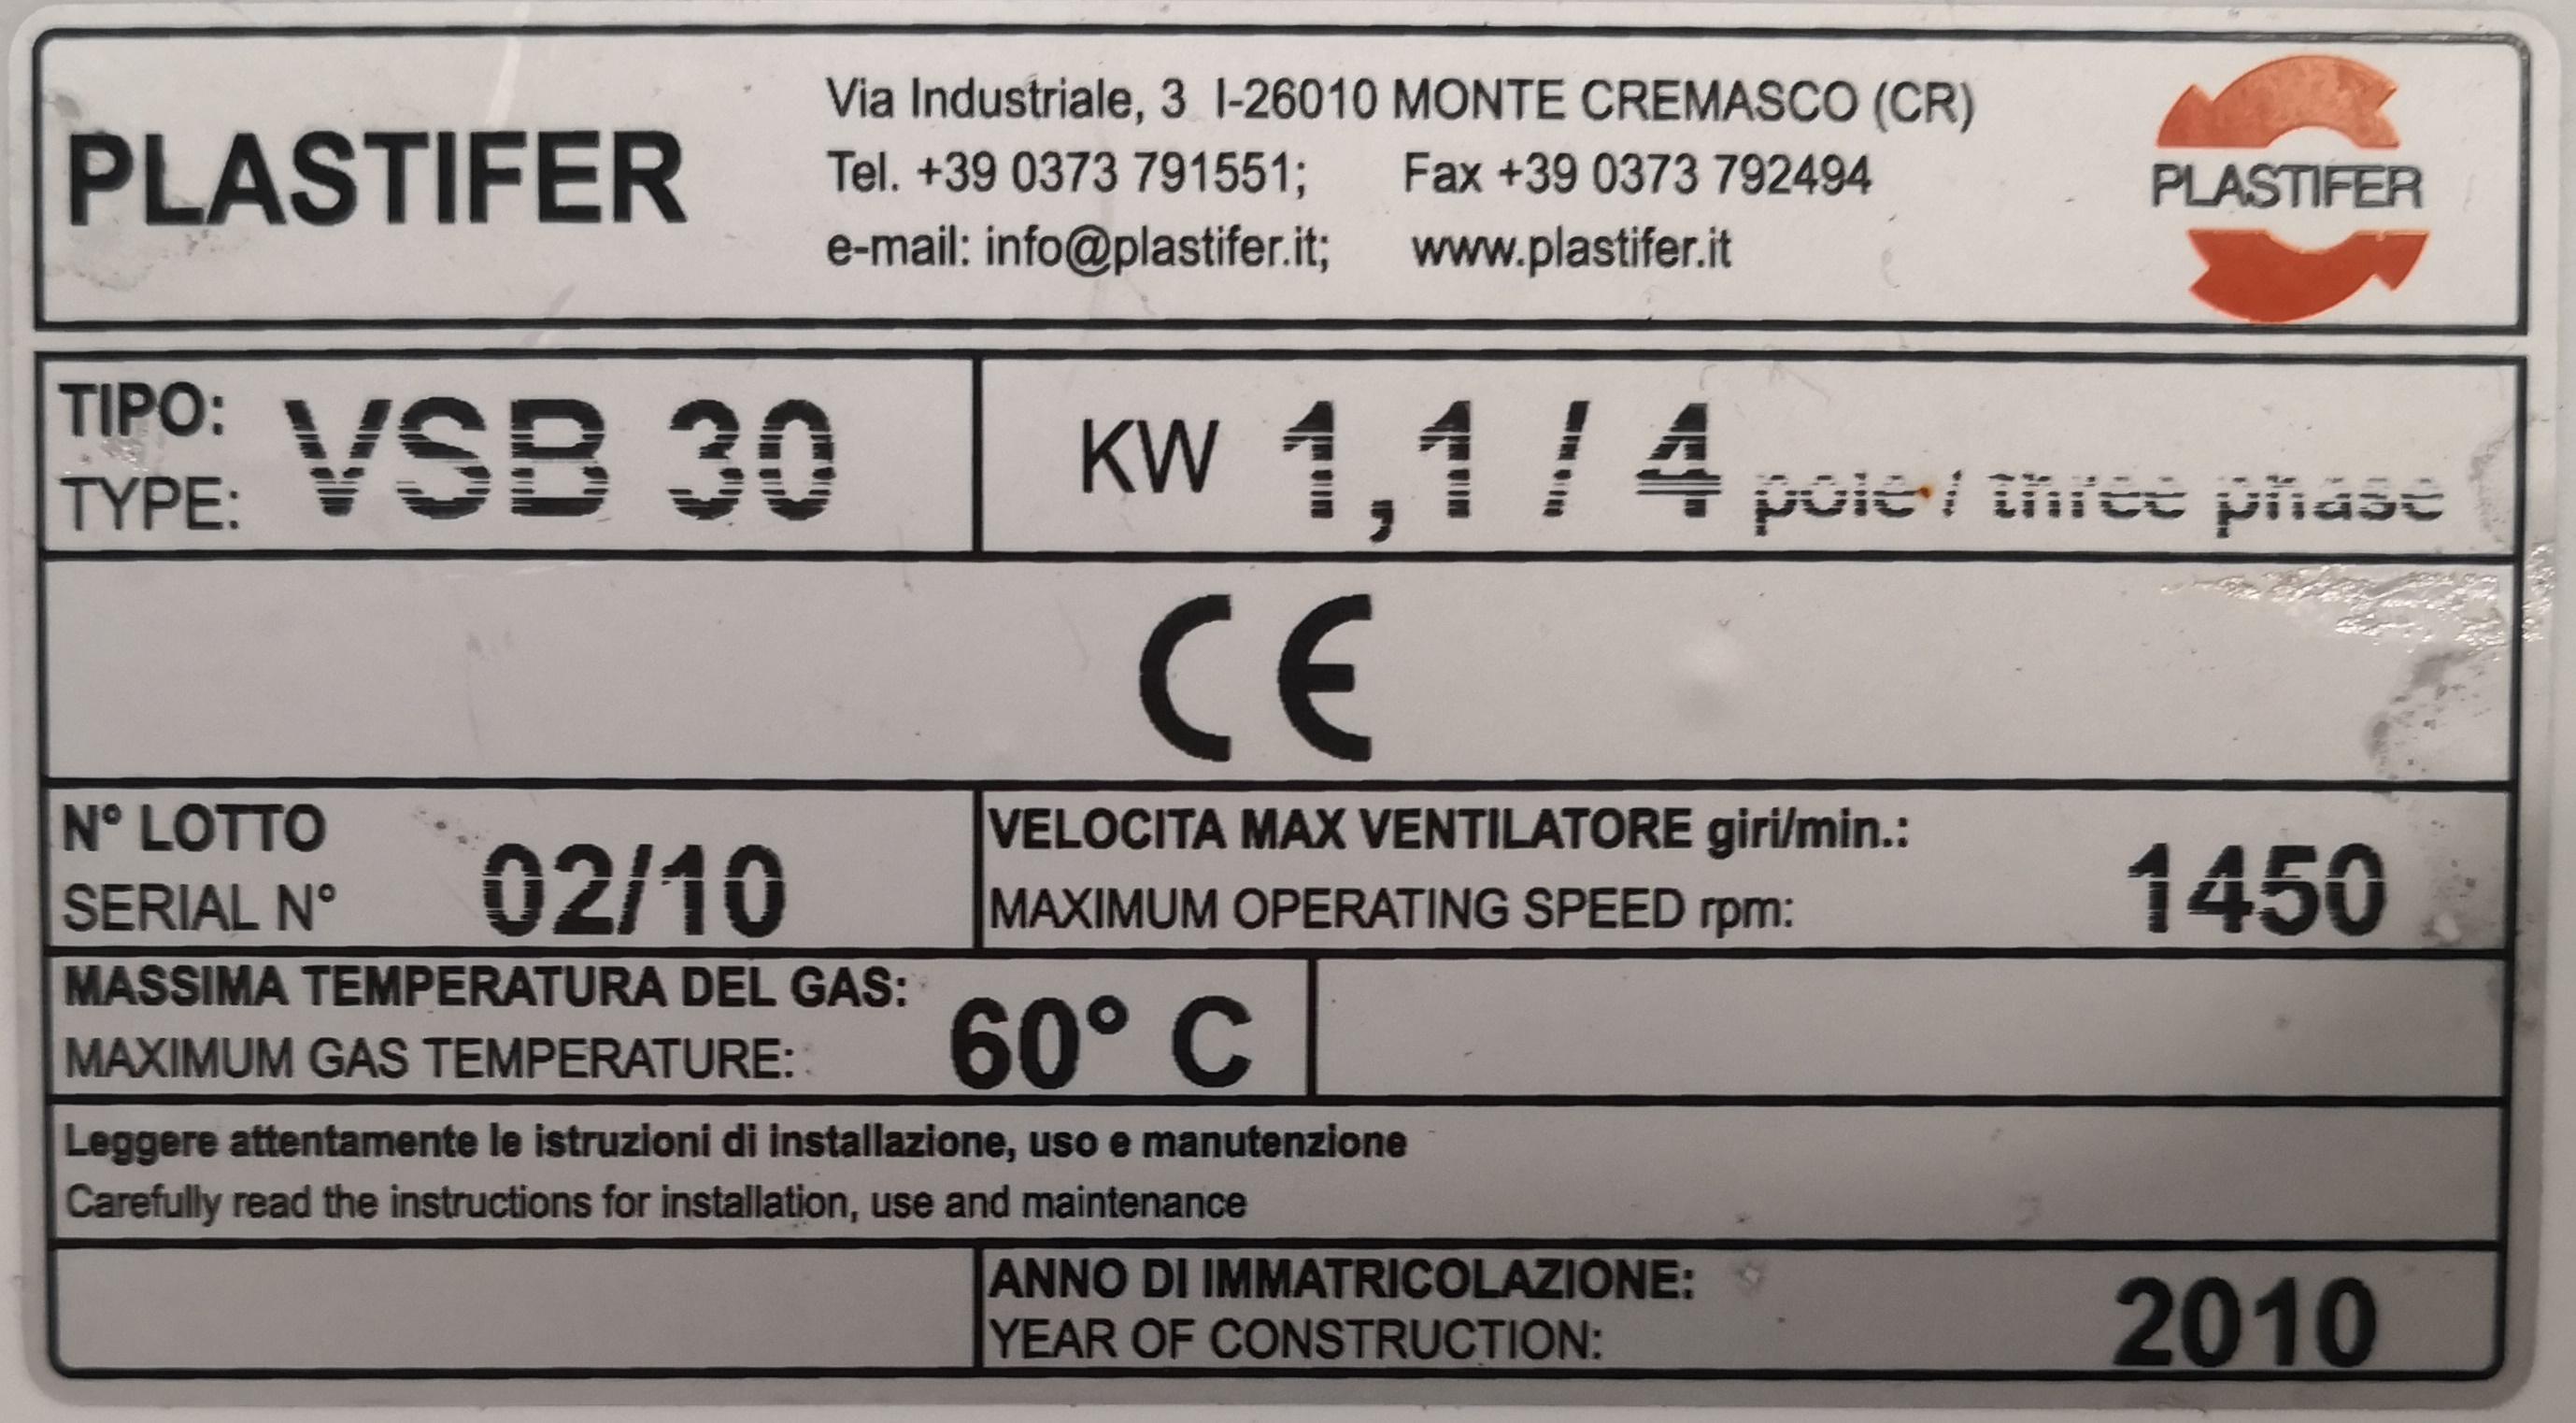 VENTILATORE CENTRIFUGO – PLASTIFER (COD. MF-PR-VEN-6) in vendita - foto 8